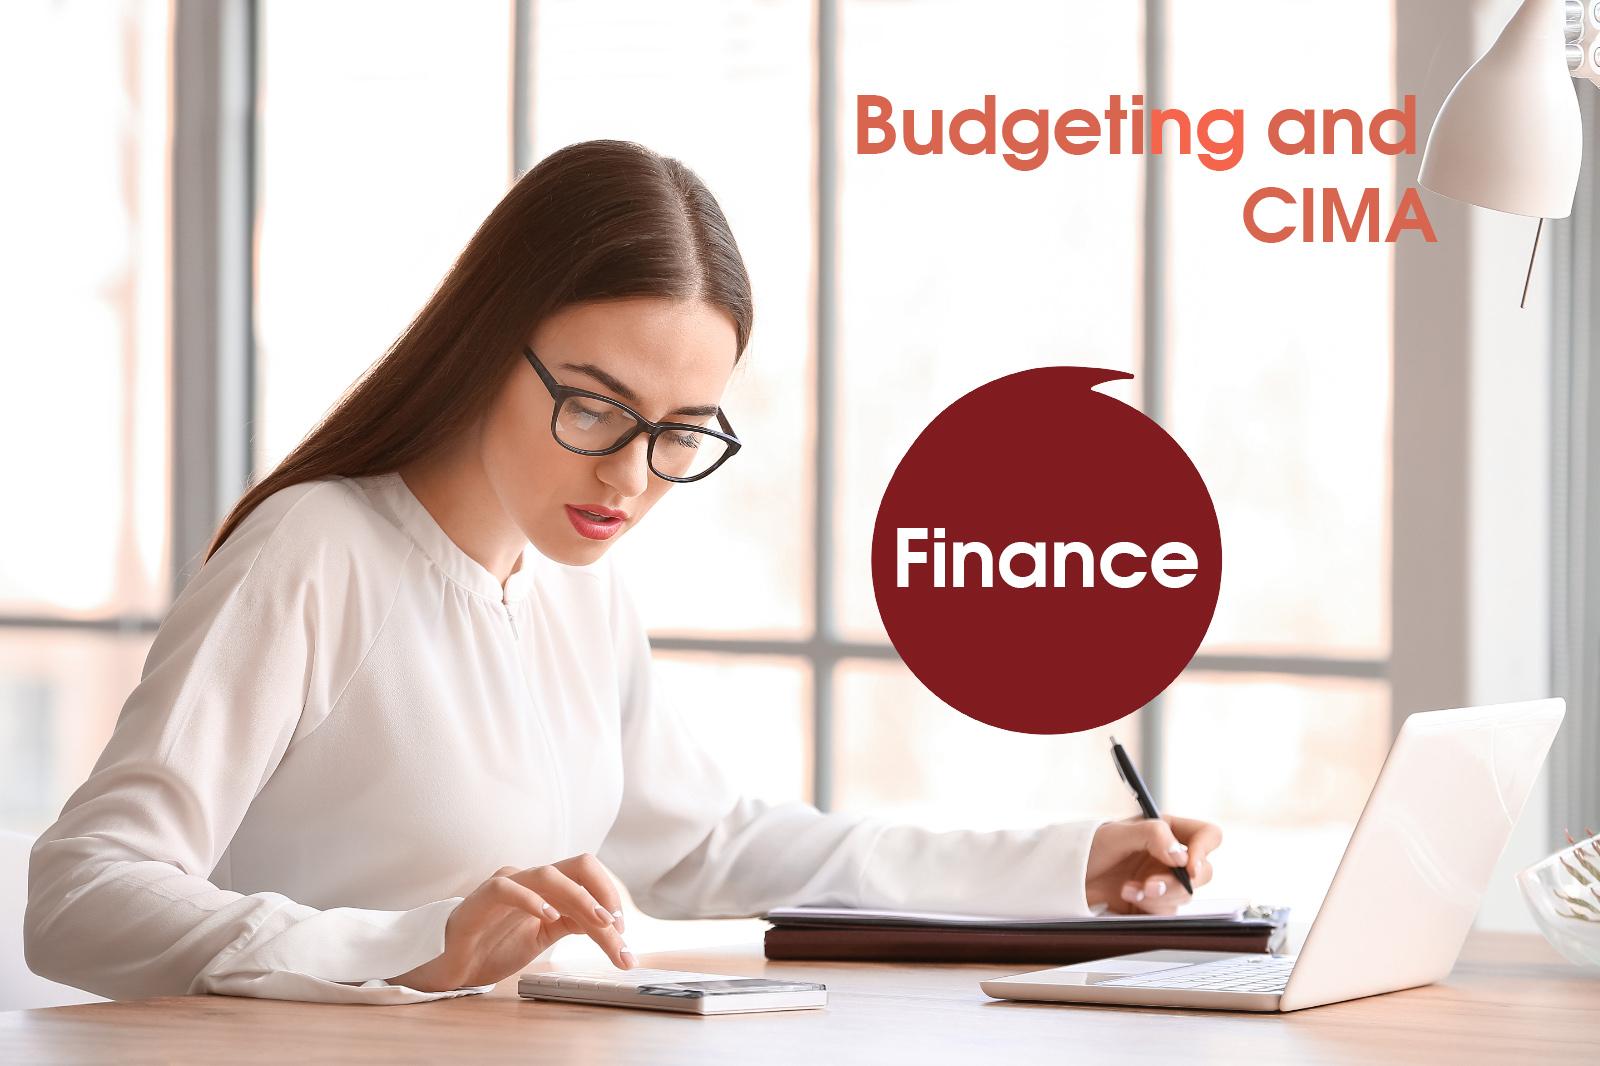 Фінансова англійська для CIMA, управлінський облік